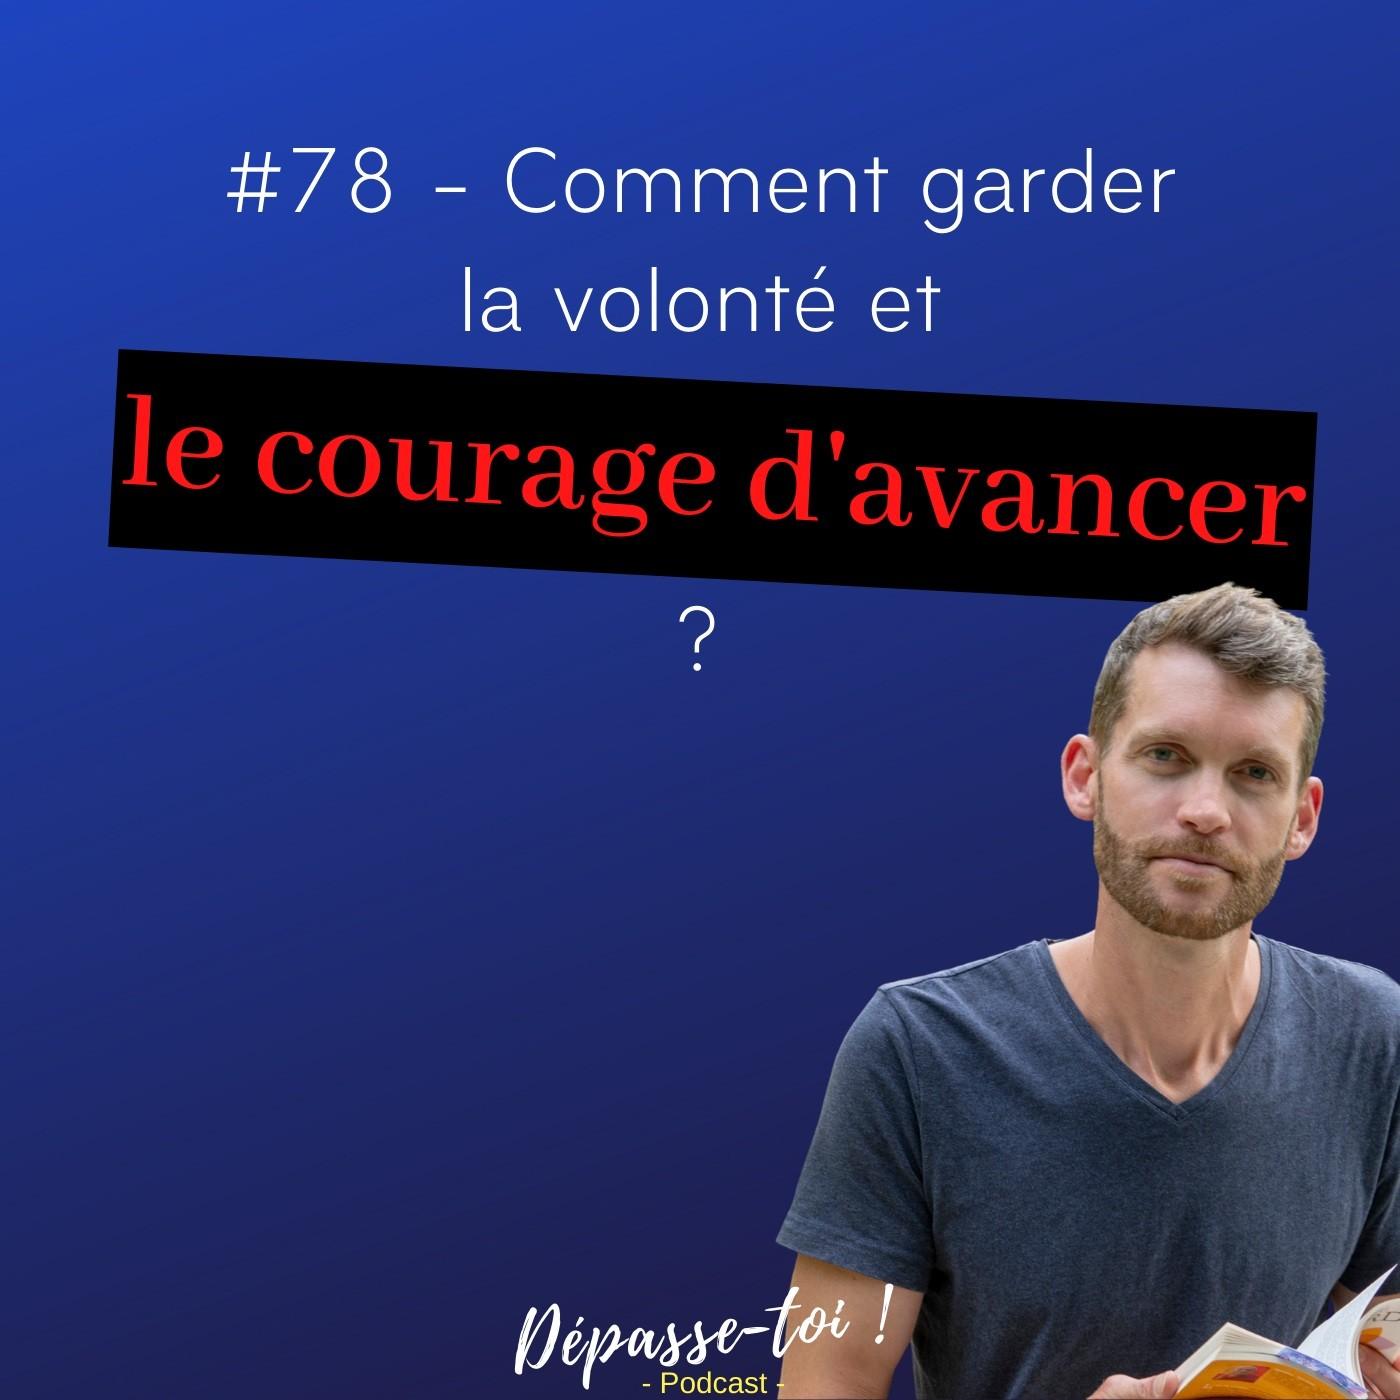 #78 - Comment garder la volonté et le courage d'avancer ?